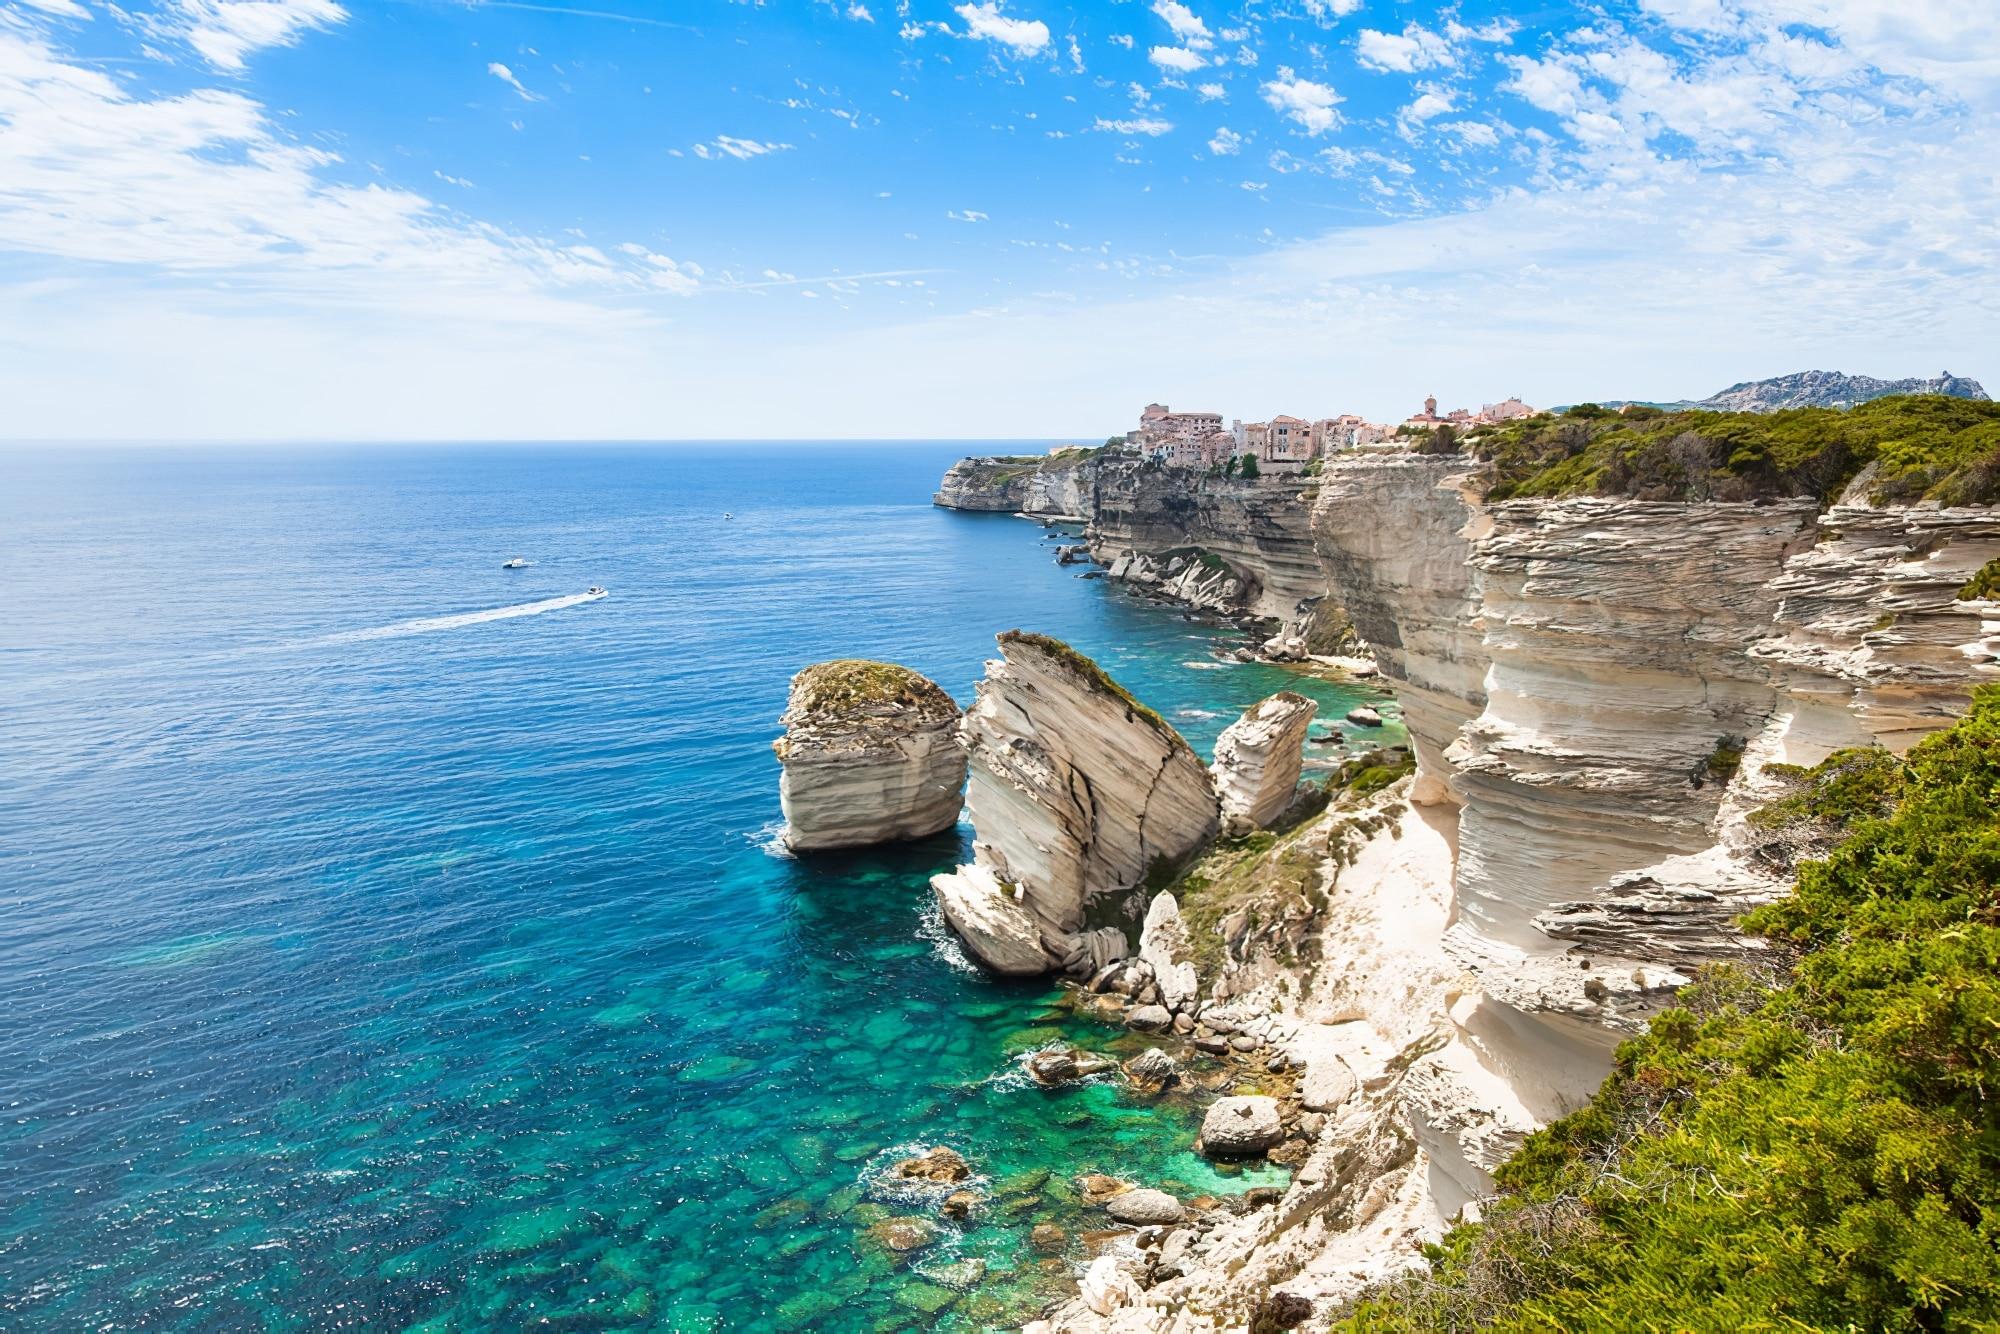 Vue sur la vieille ville de Bonifacio construite sur des rochers de falaise, Corse, France